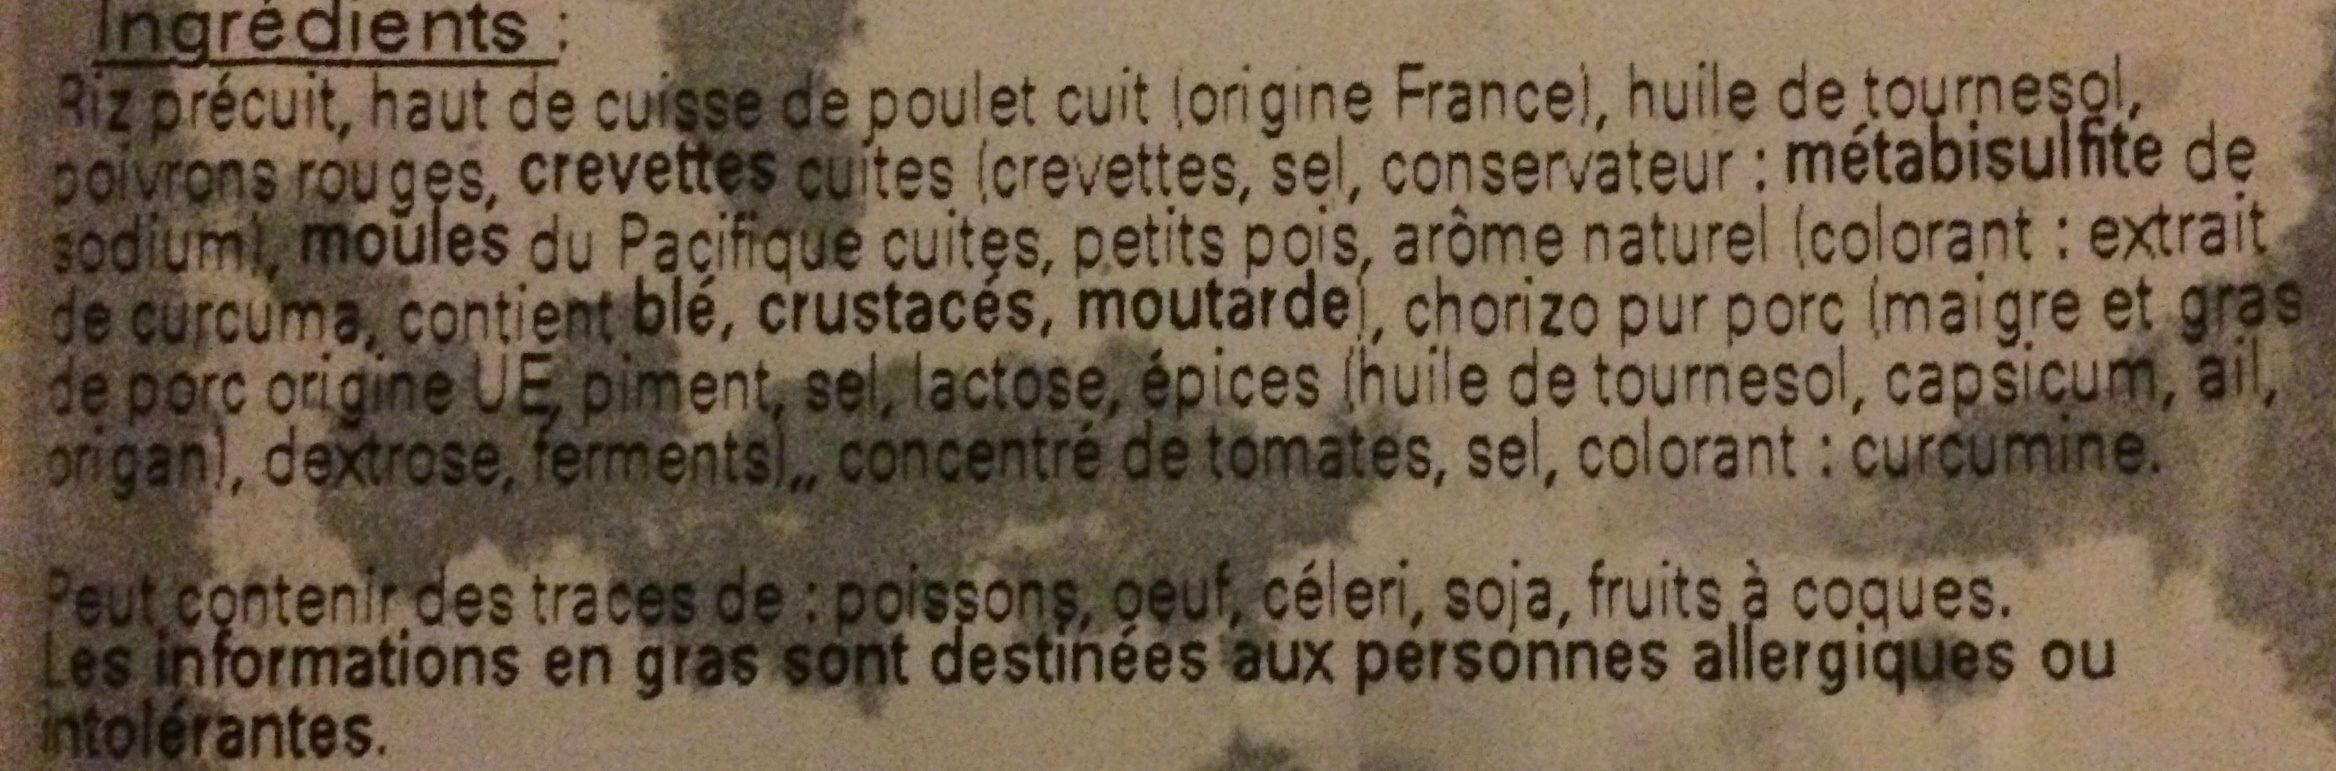 Paella - Ingrédients